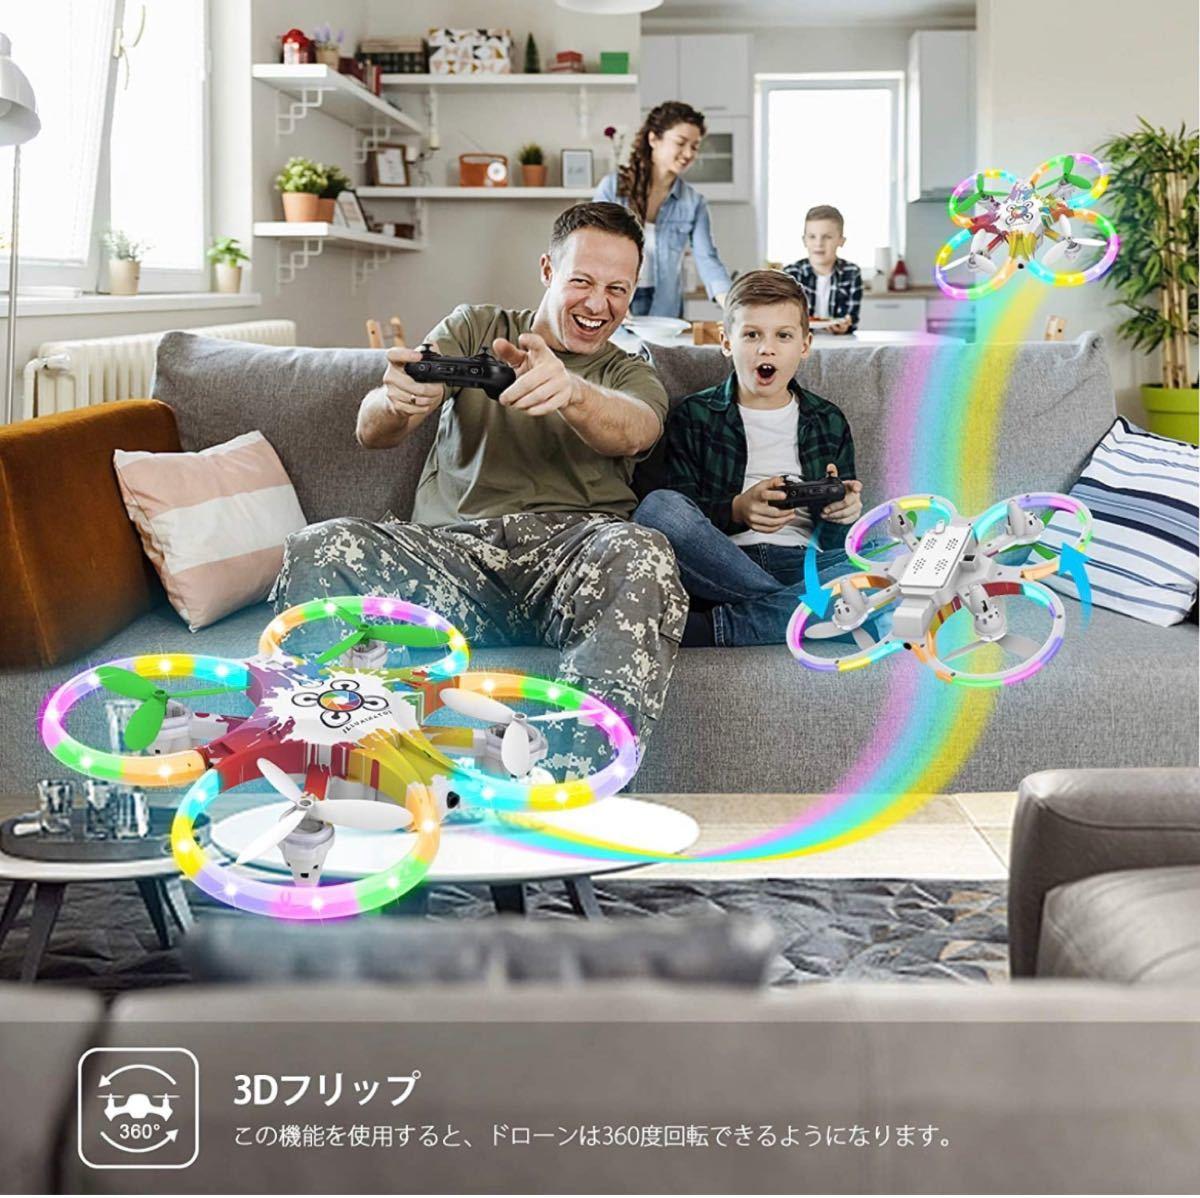 ☆お値下げ中☆ドローン LEDライト付き 小型 ミニドローン 子供向け